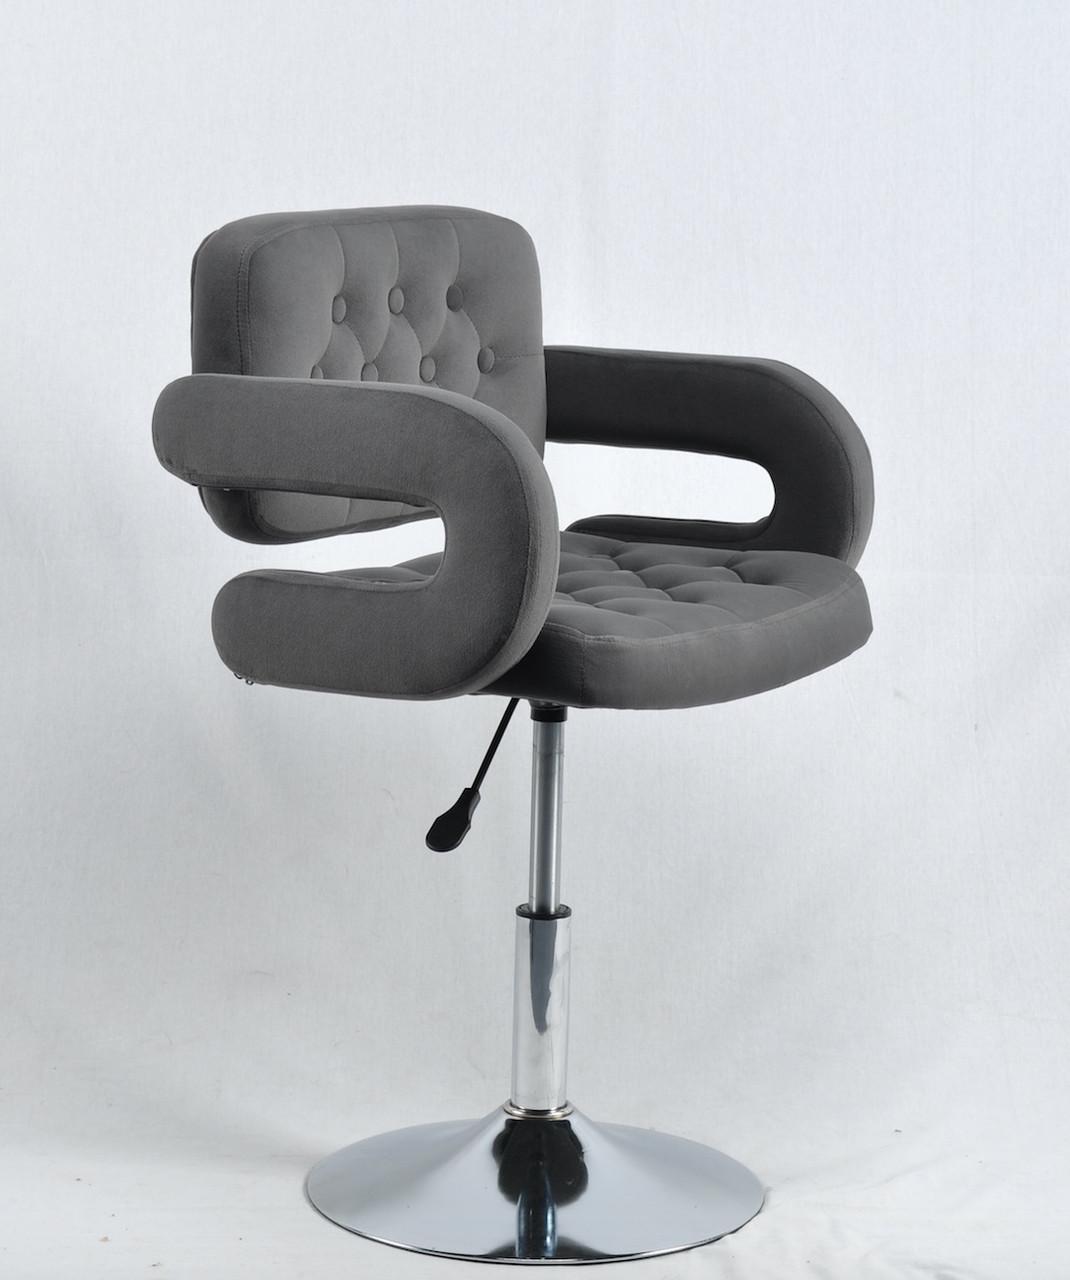 Кресло парикмахера Гор GOR CH - BASE Б-Т серый бархат